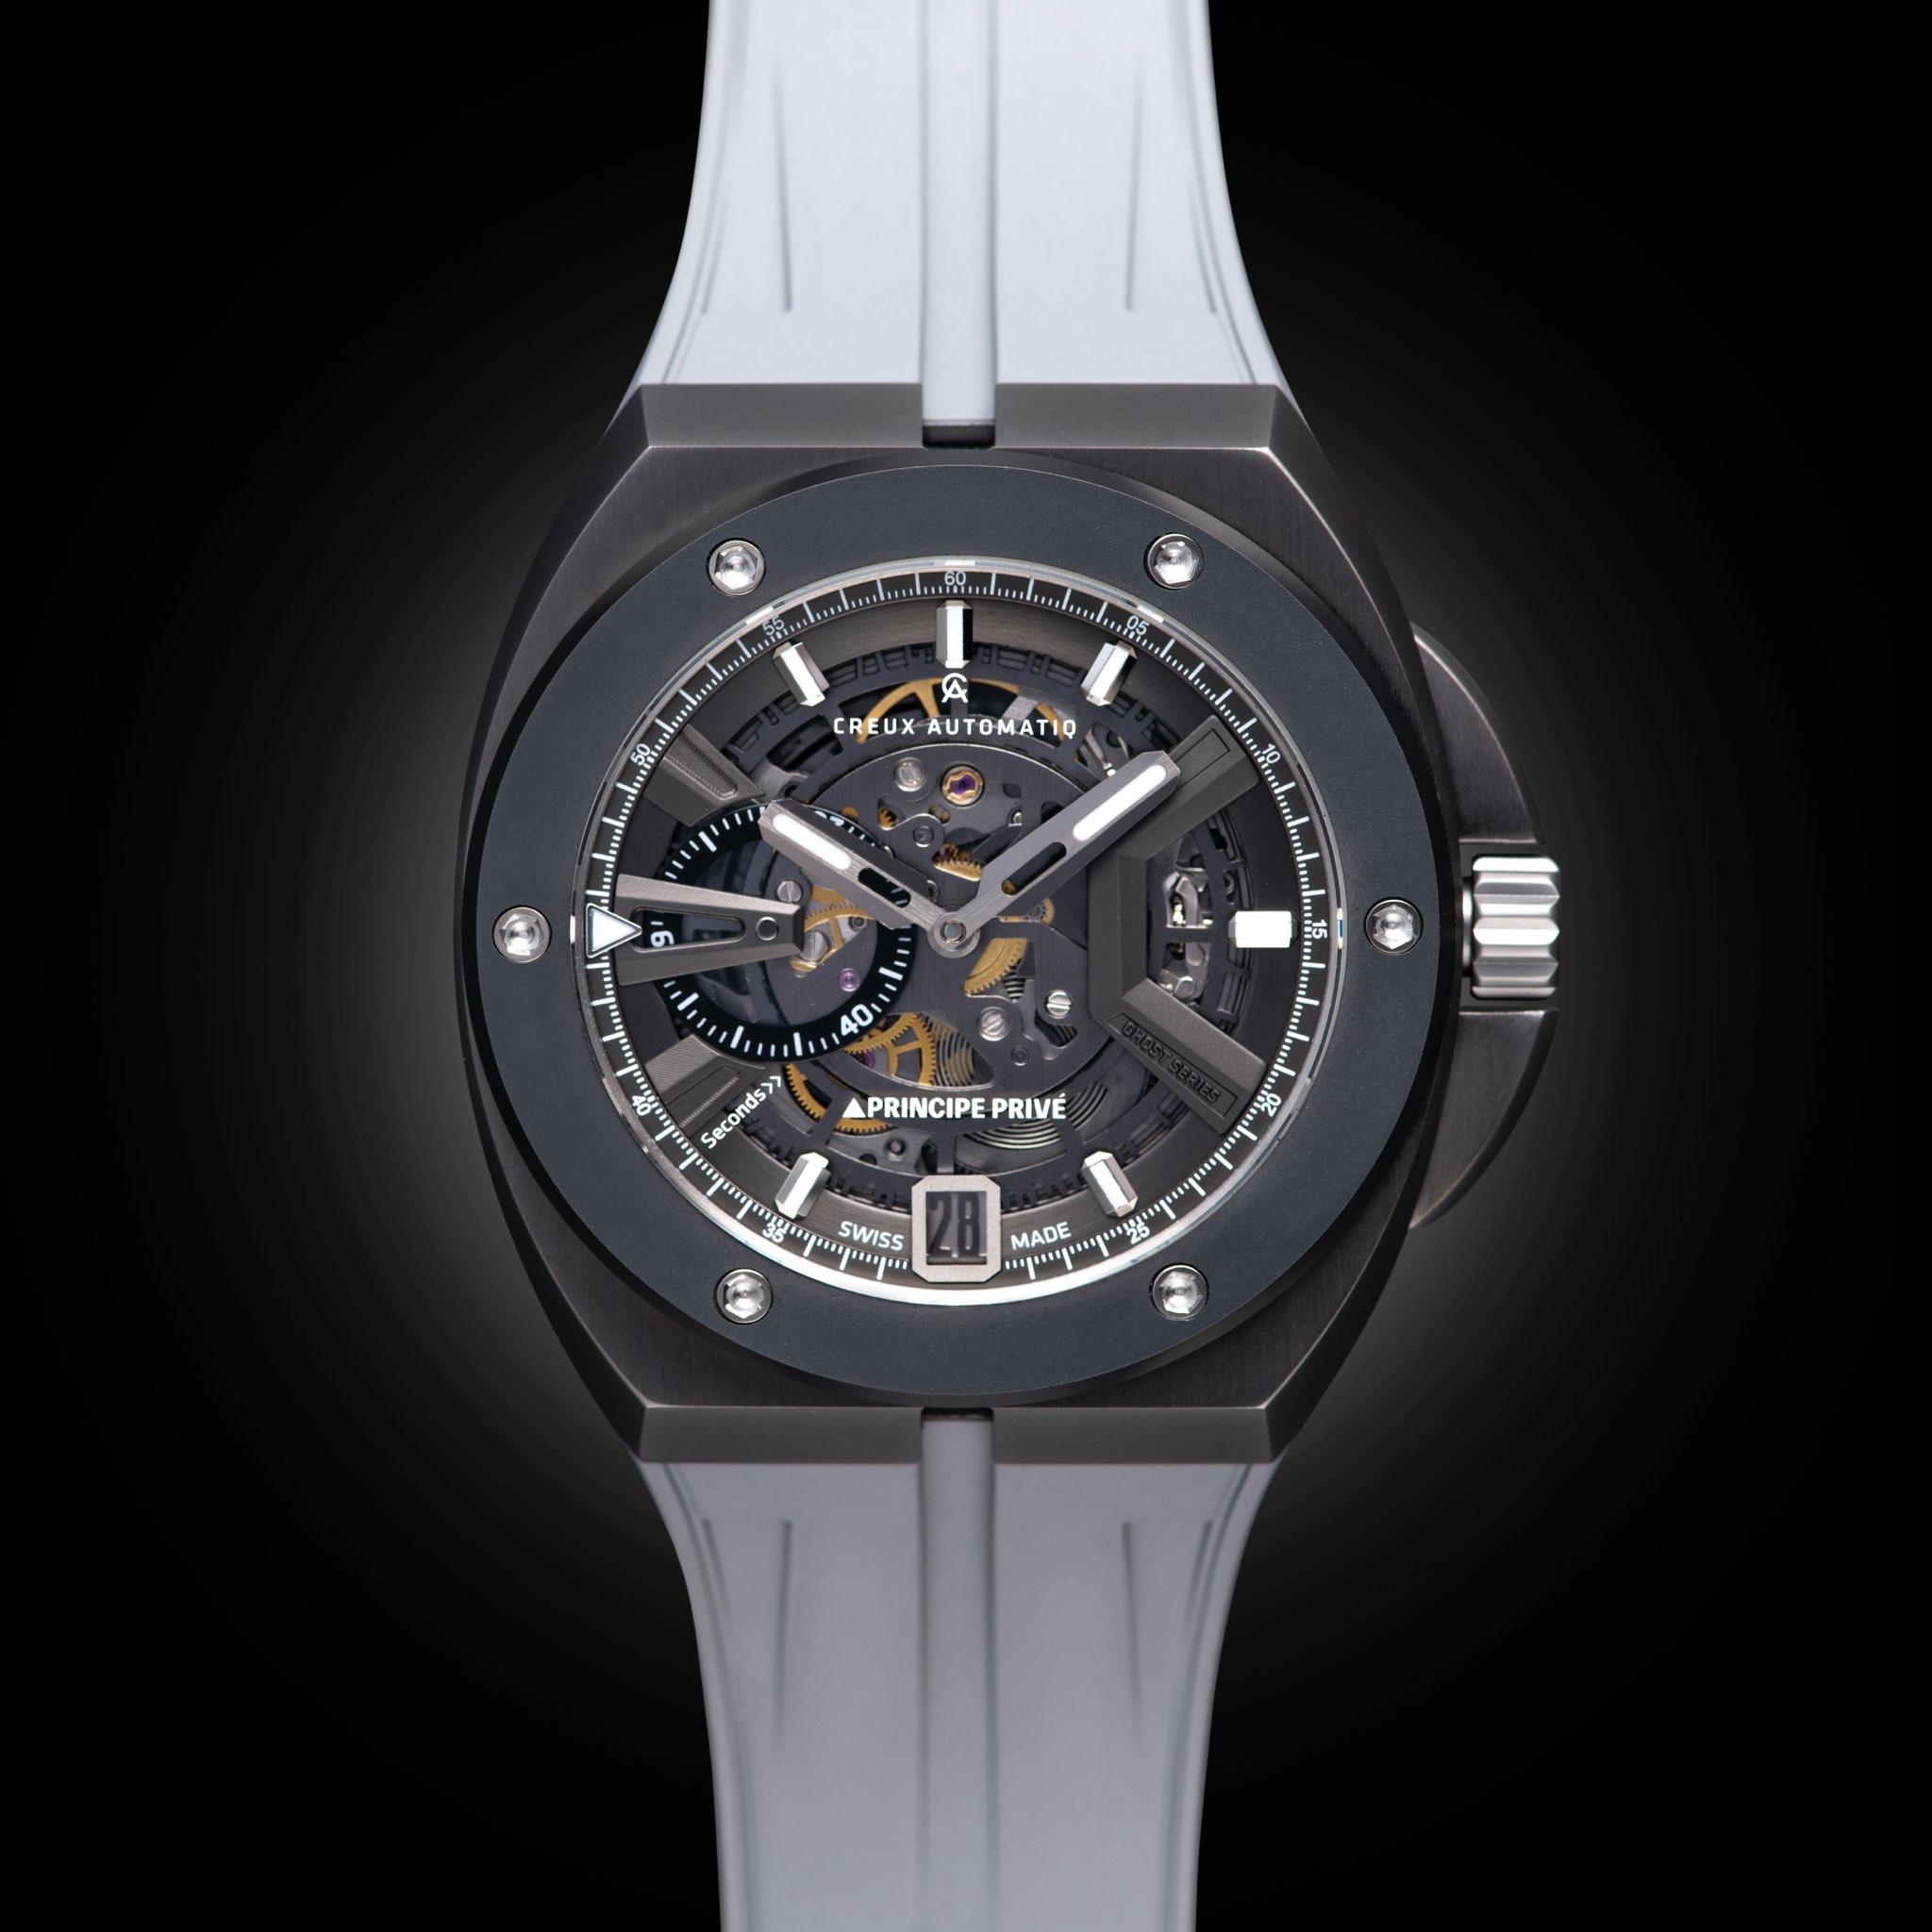 130年の歴史を持つジュエリーメーカーが企画するスイスメイド時計「CREUX AUTOMATIQ(クリュ オートマチック)」と「プリンチペプリヴェ」がコラボレーションモデルを発売